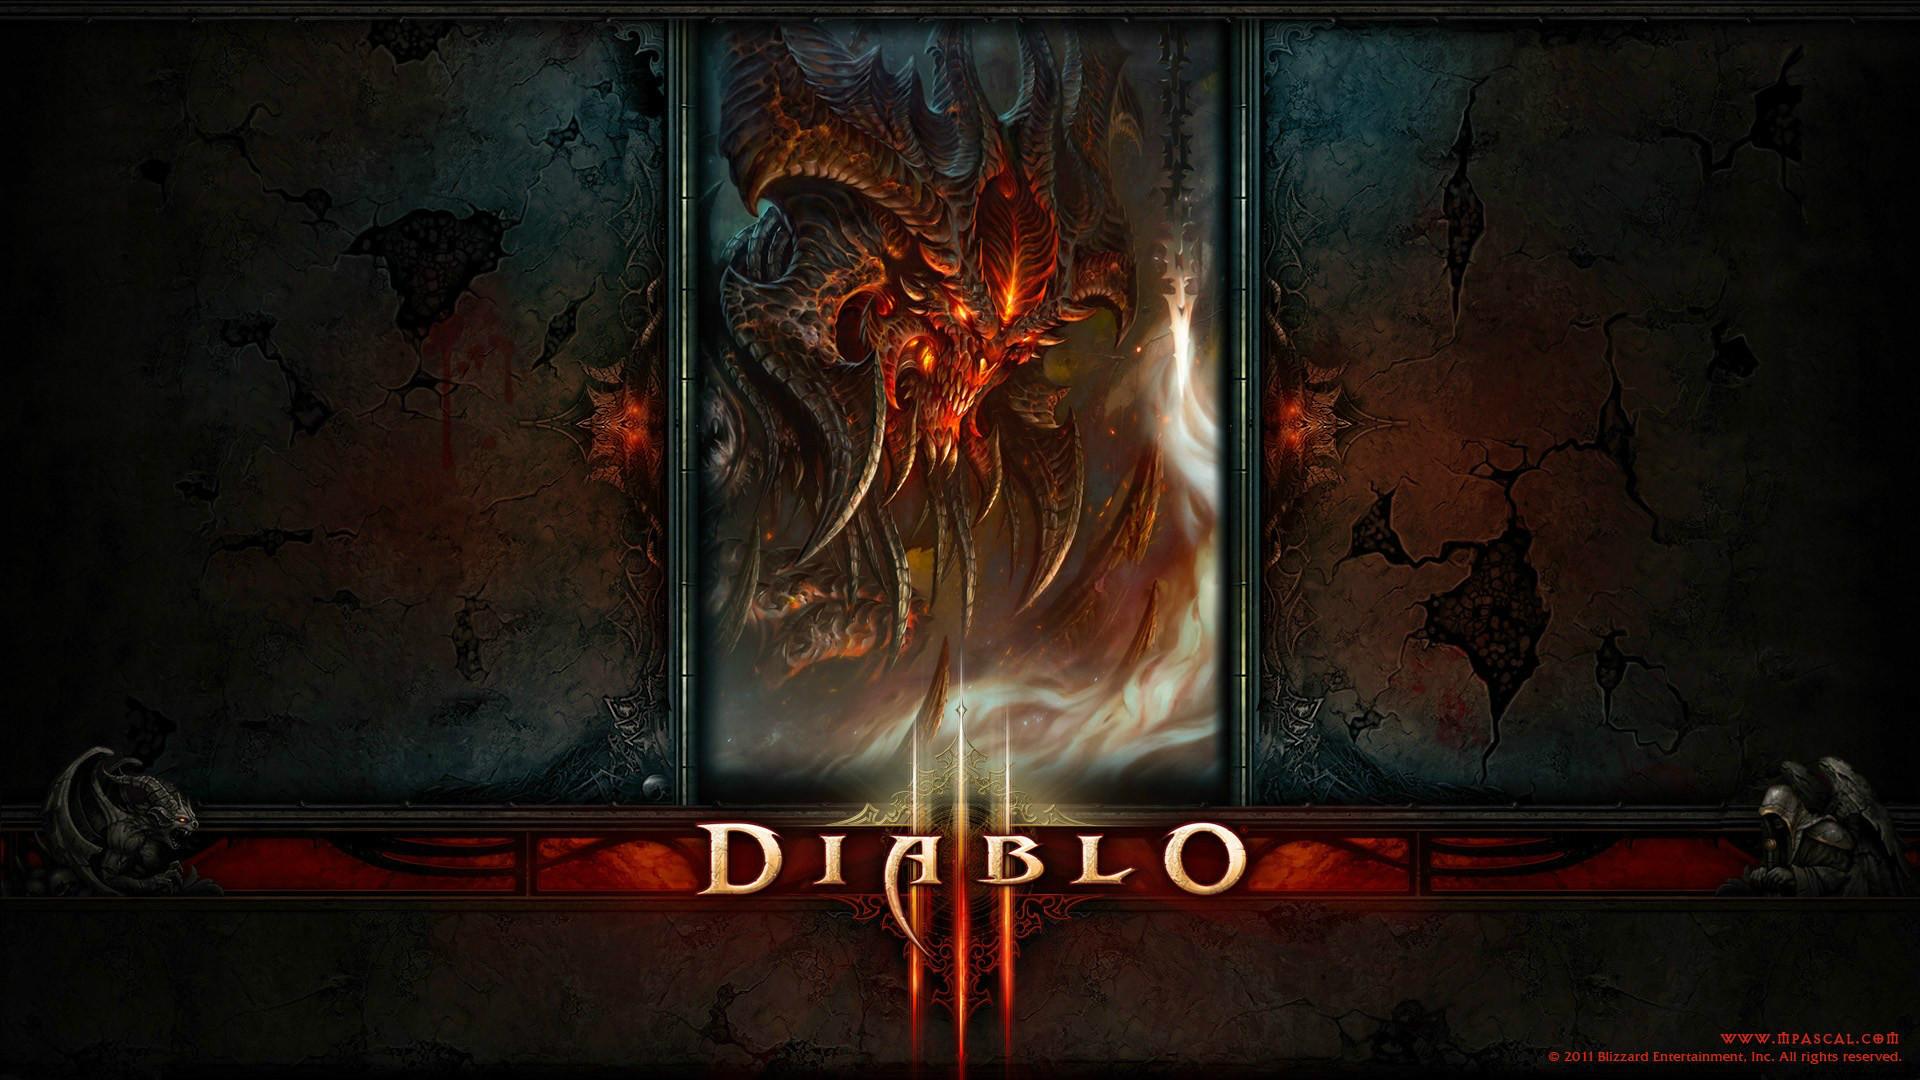 Diablo Iii Wallpapers Pictures Images